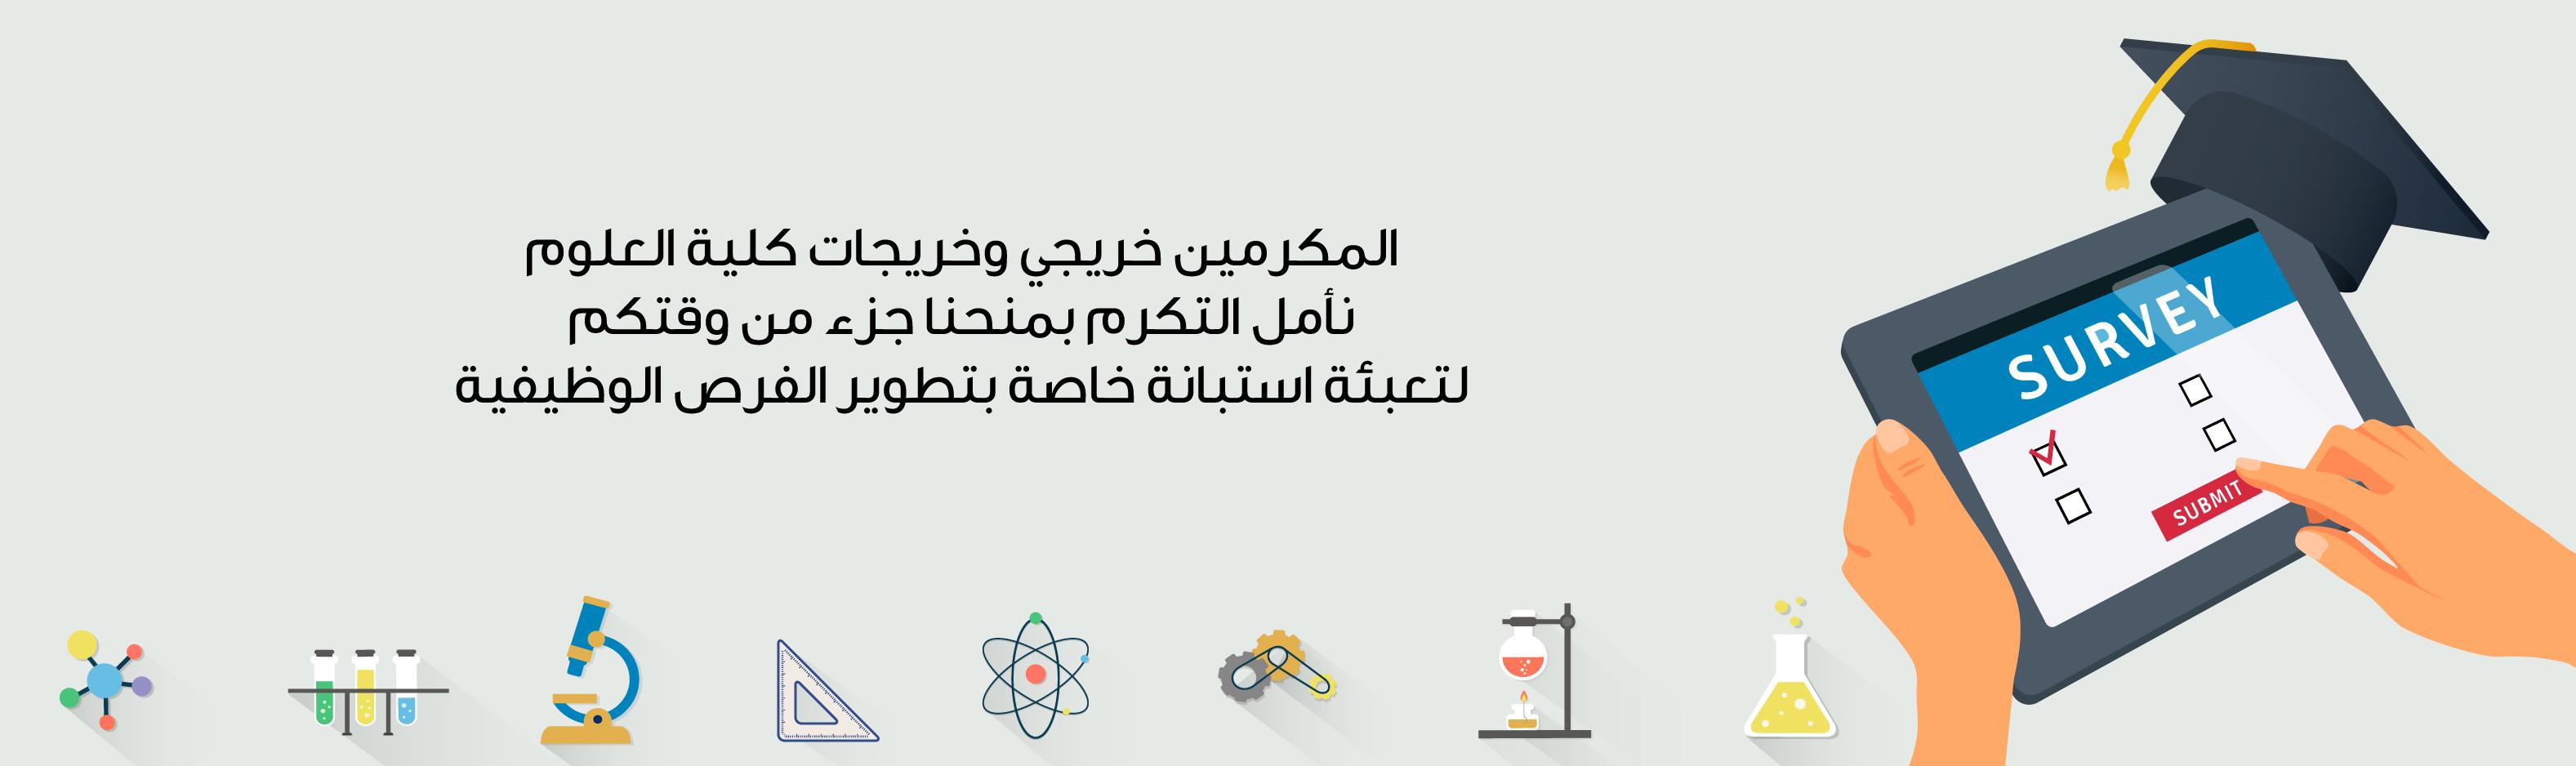 استبانة خاصة بتطوير الفرص... -  المكرم خريج/خريجة كلية العلوم...